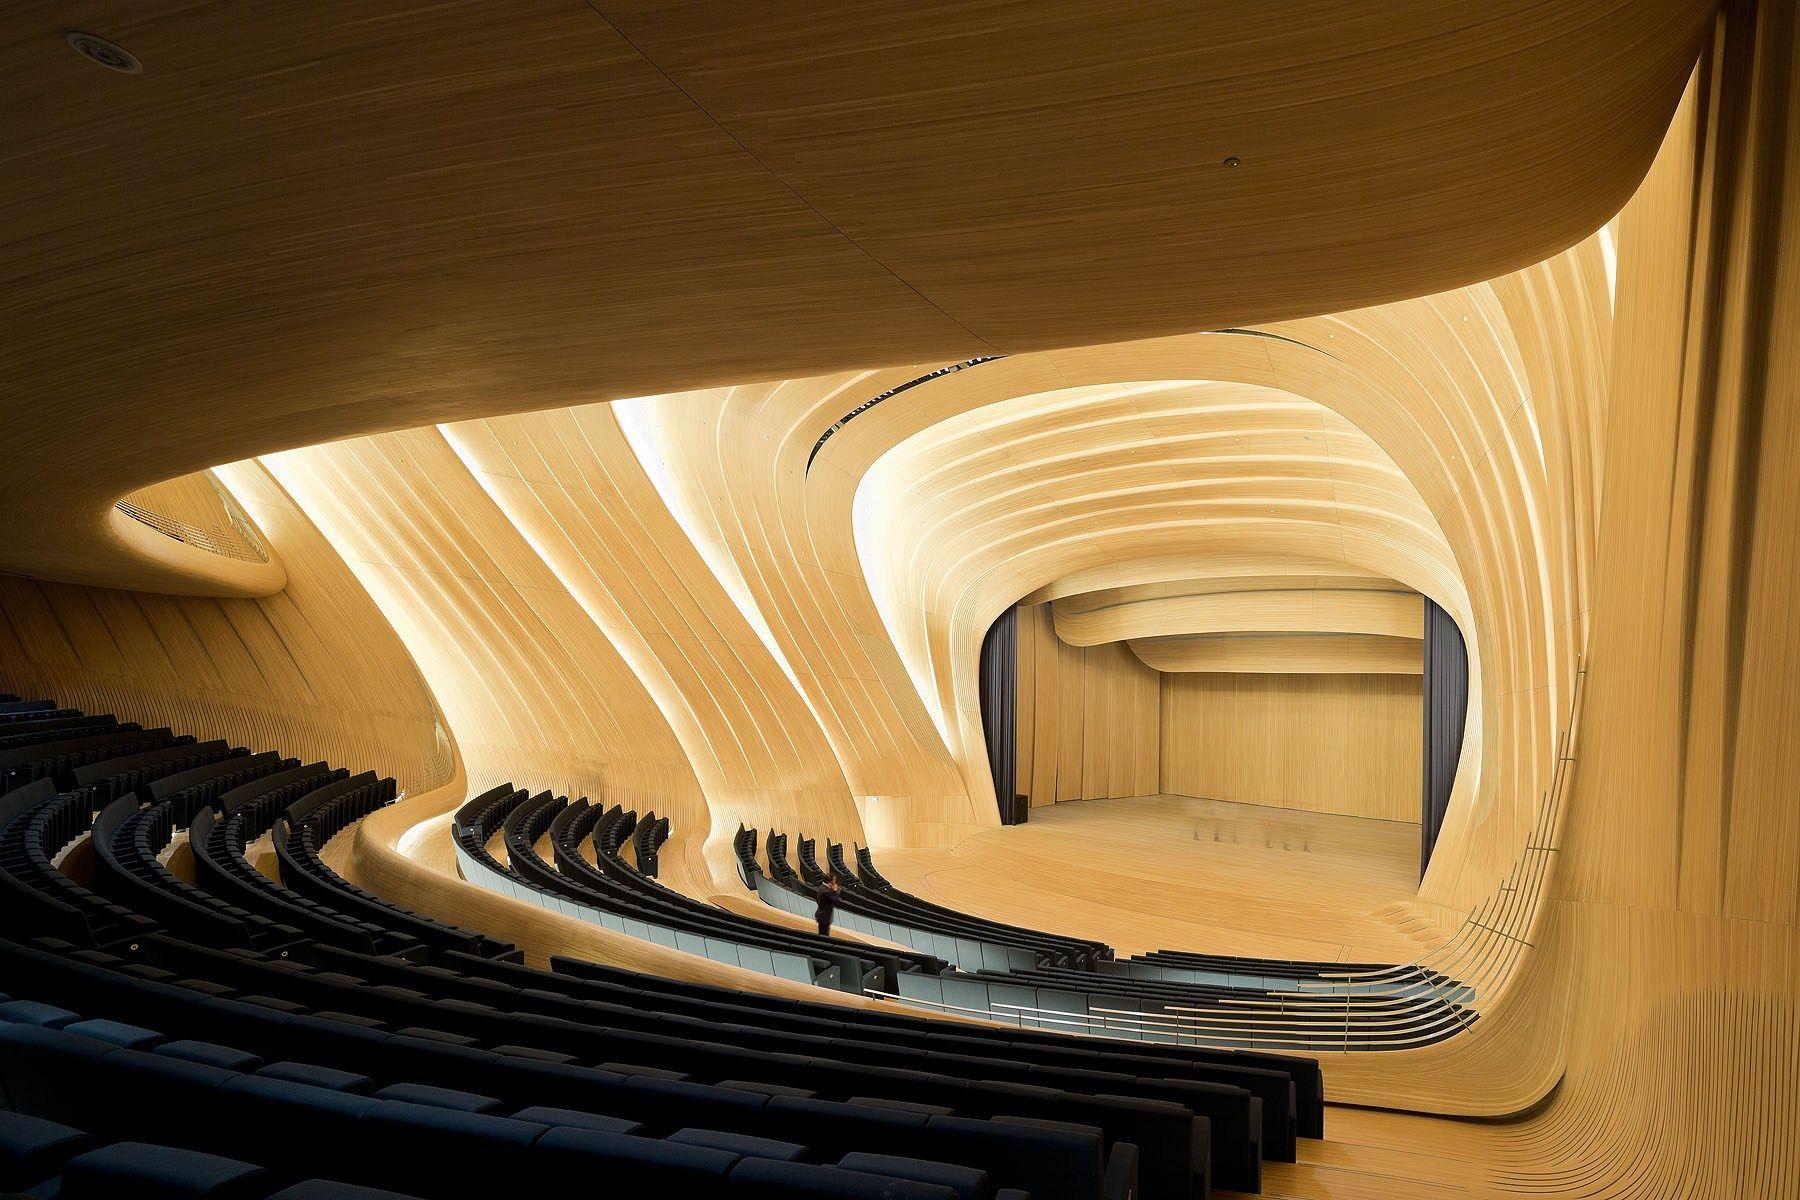 Heydar Aliyev Centre Baku Azerbaijan Zaha Hadid Architects Iwan Baan Zaha Hadid Architects Zaha Hadid Architect